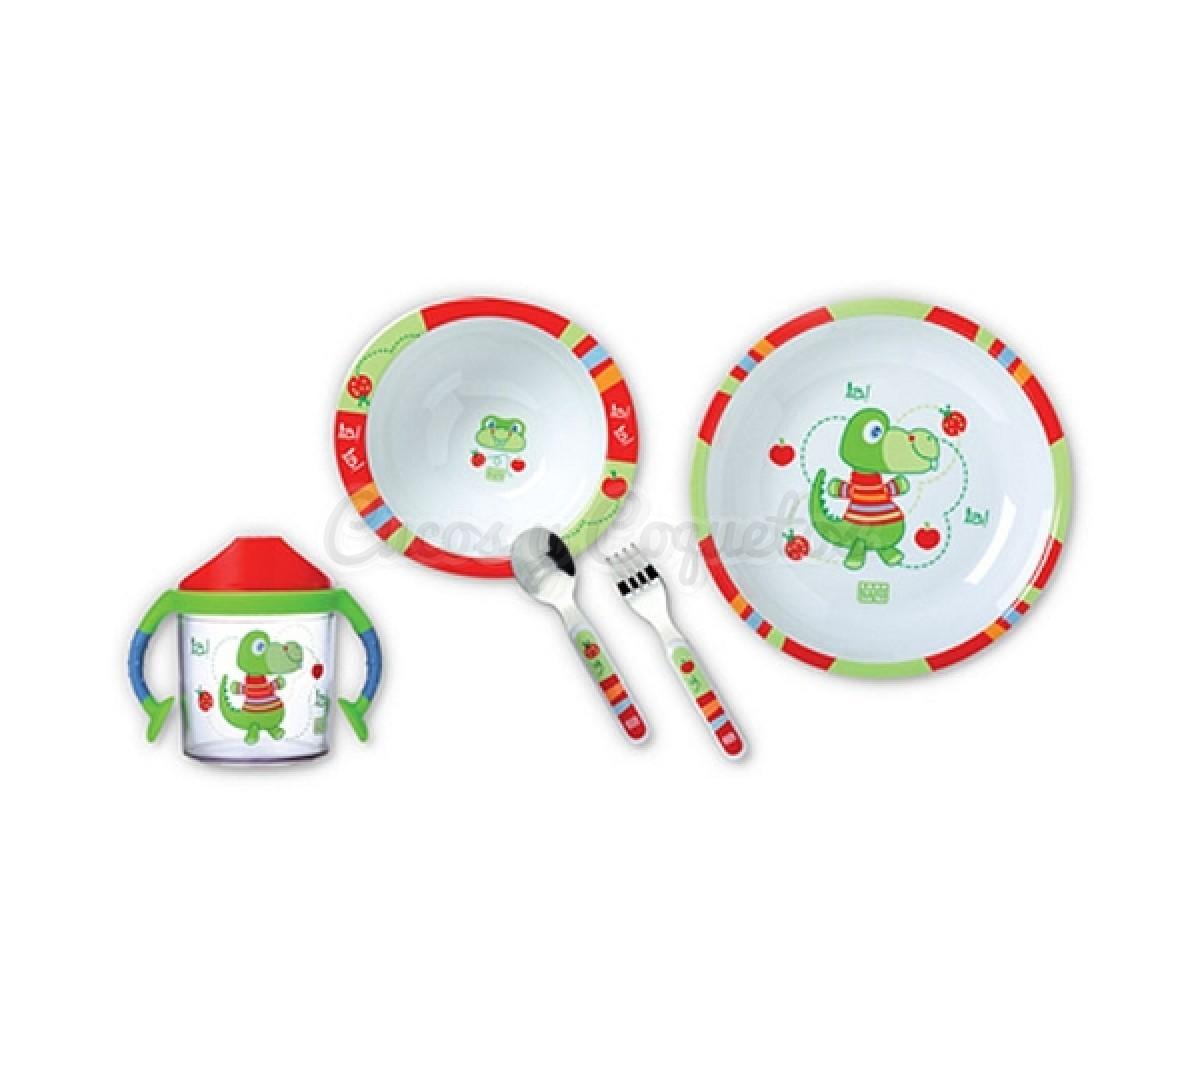 Vajilla 5 piezas colorines regalos para beb s for Vajillas bebe personalizadas